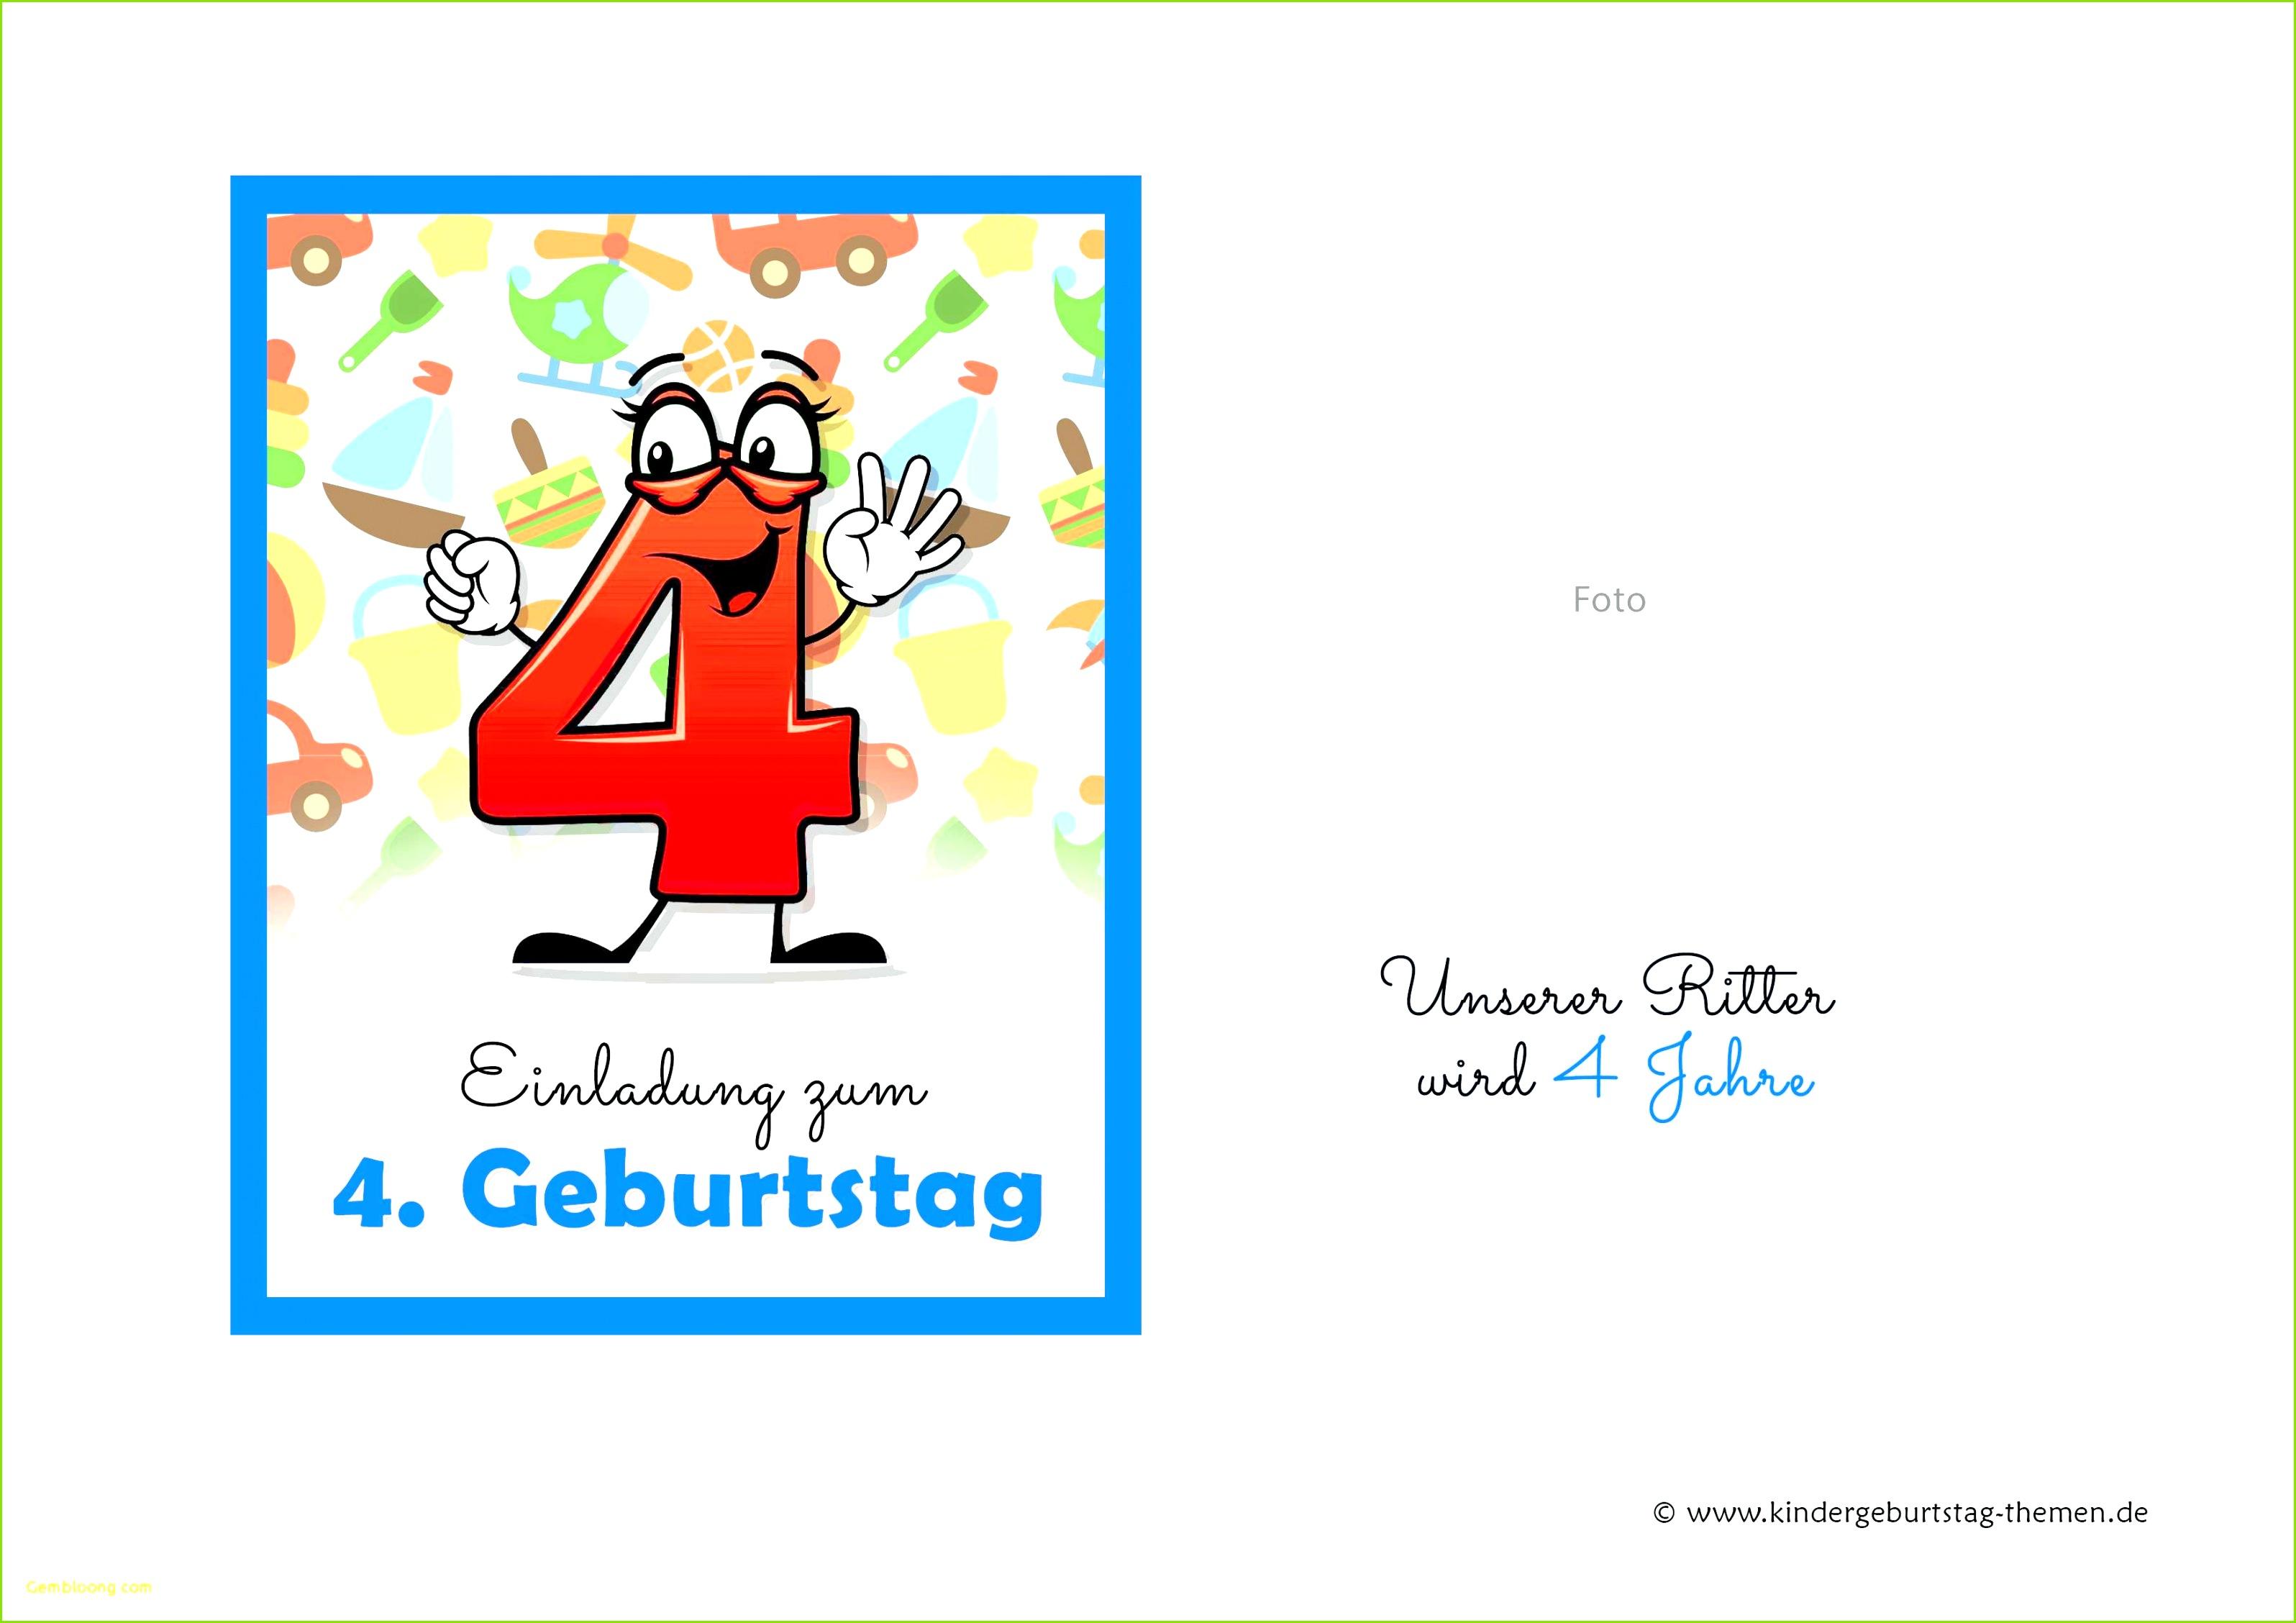 Einladung 70 Geburtstag Muster Einladung Geburtstag Einladungskarten Geburtstag 70 Vorlagen Einladung 70 Geburtstag